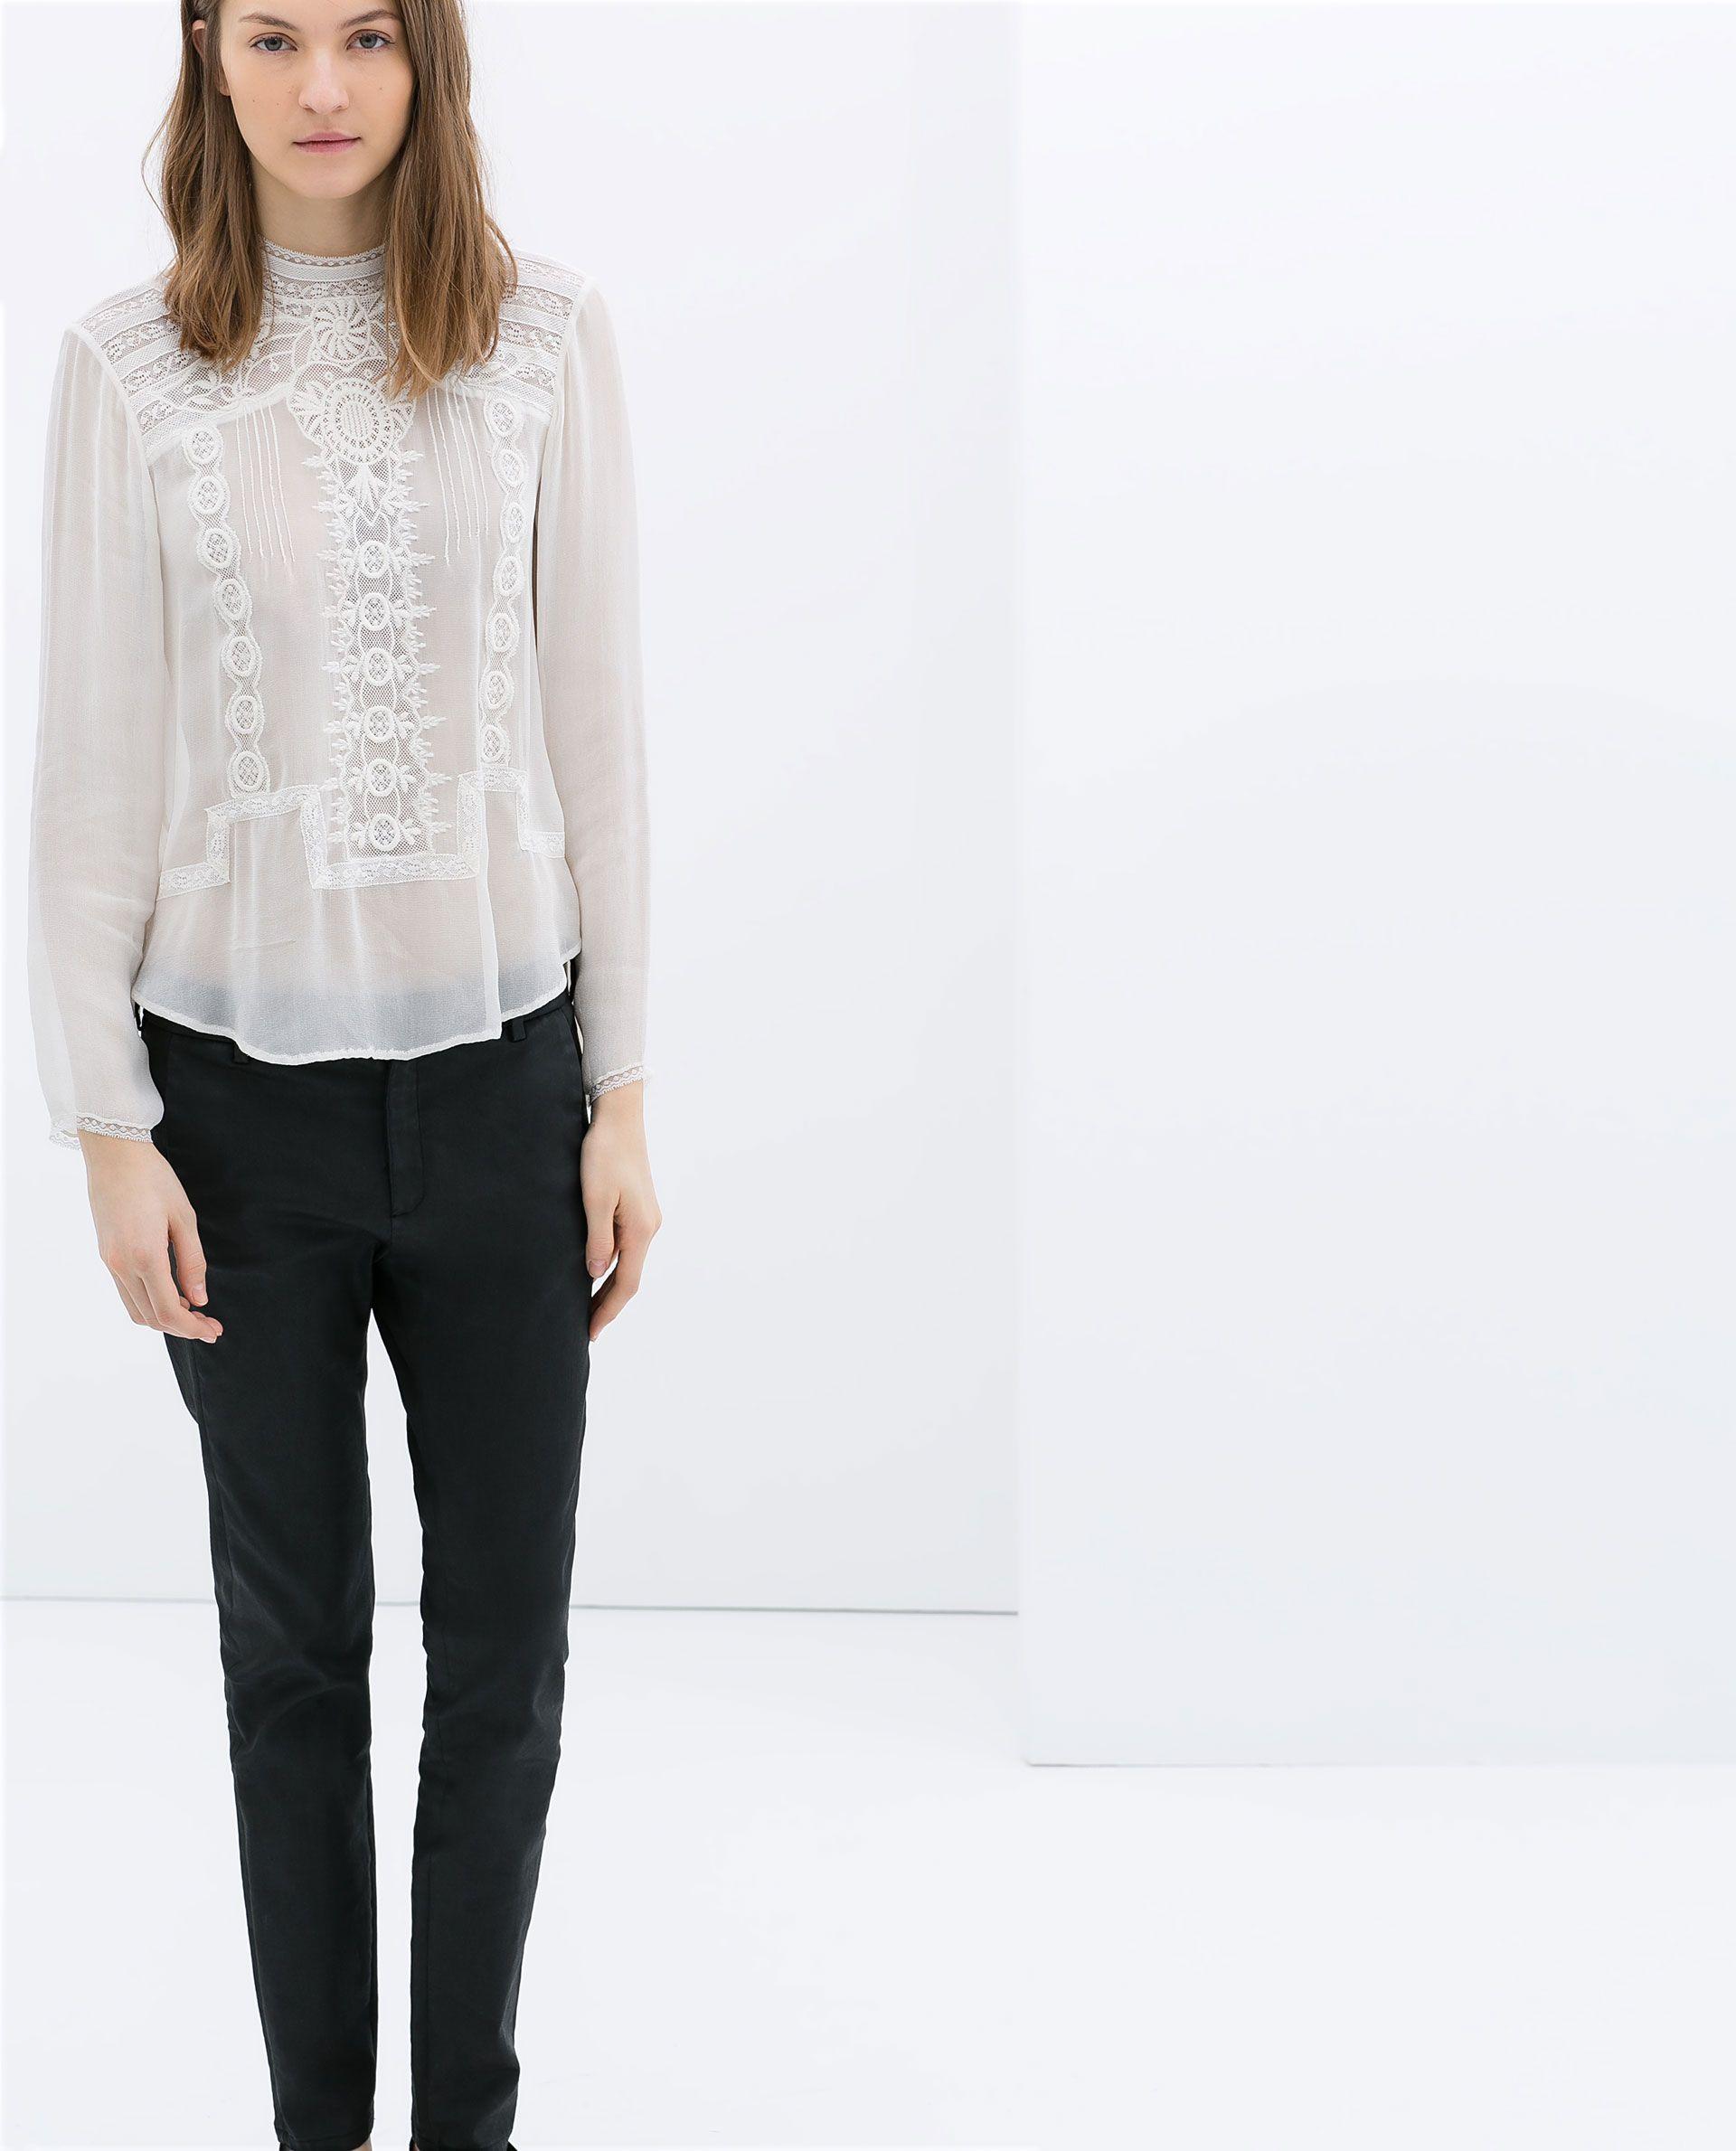 nuevo producto estilo limitado diseños atractivos BLUSA CUELLO ALTO BORDADA - Blusas - Camisas - MUJER | ZARA ...